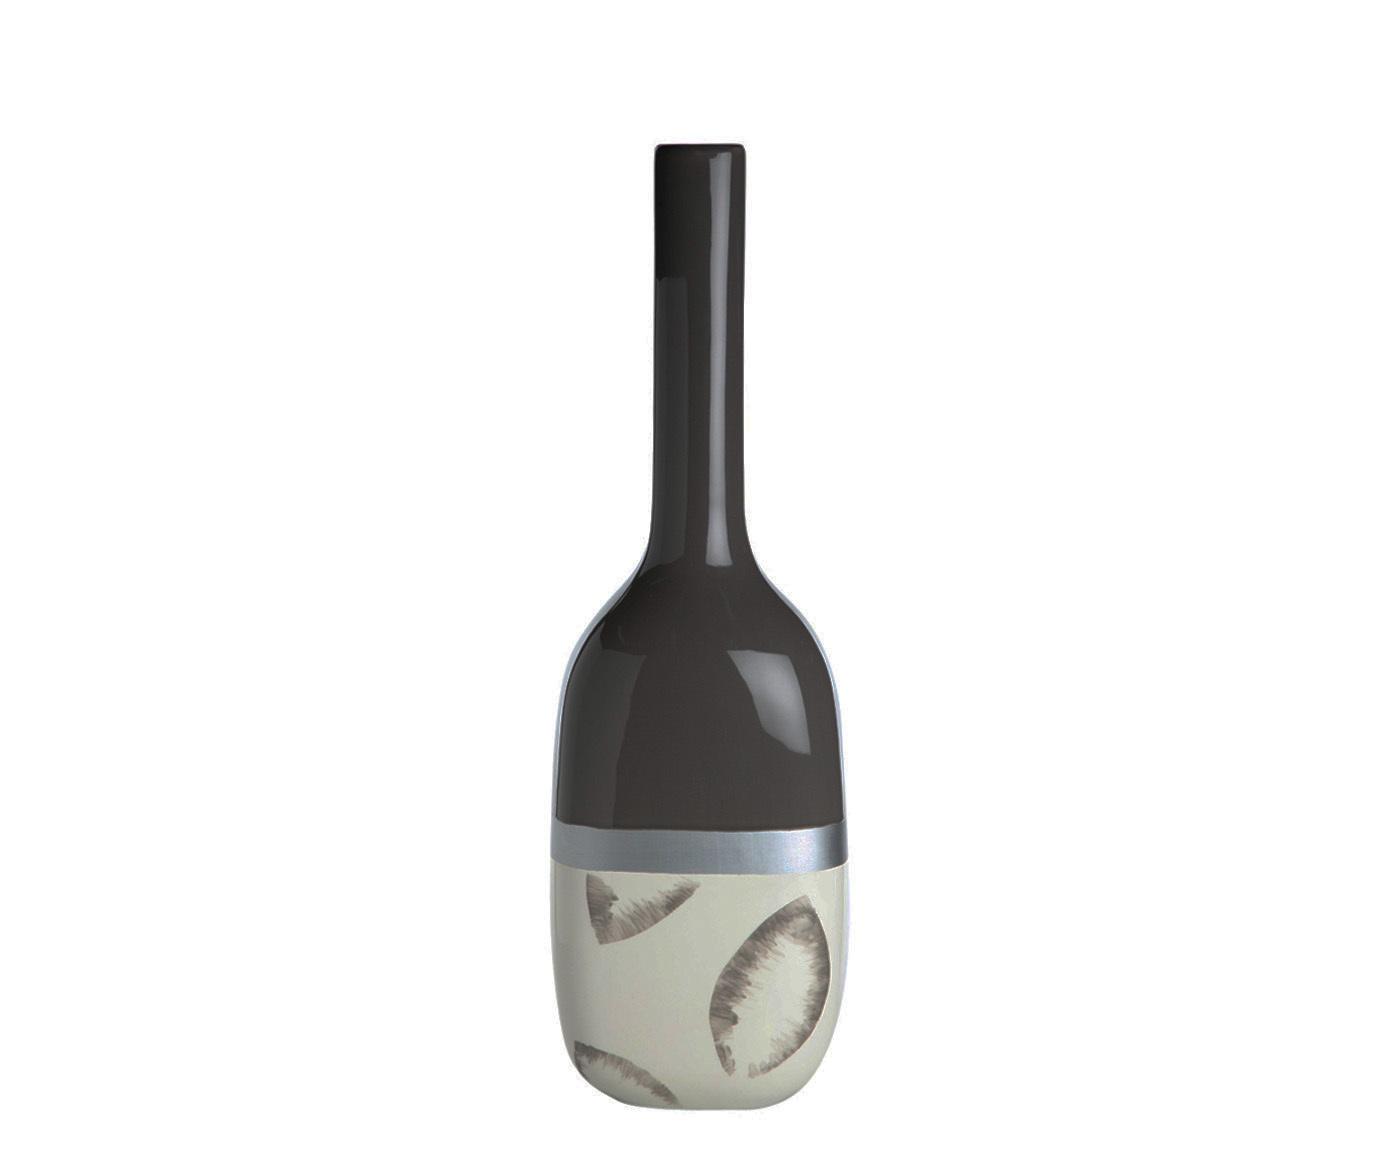 Вазы настольные Элитная ваза напольная декоративная Лиссабон средняя от Sporvil vaza-dekorativnaya-napolnaya-srednyaya-lissabon-ot-sporvil-iz-portugalii.jpg